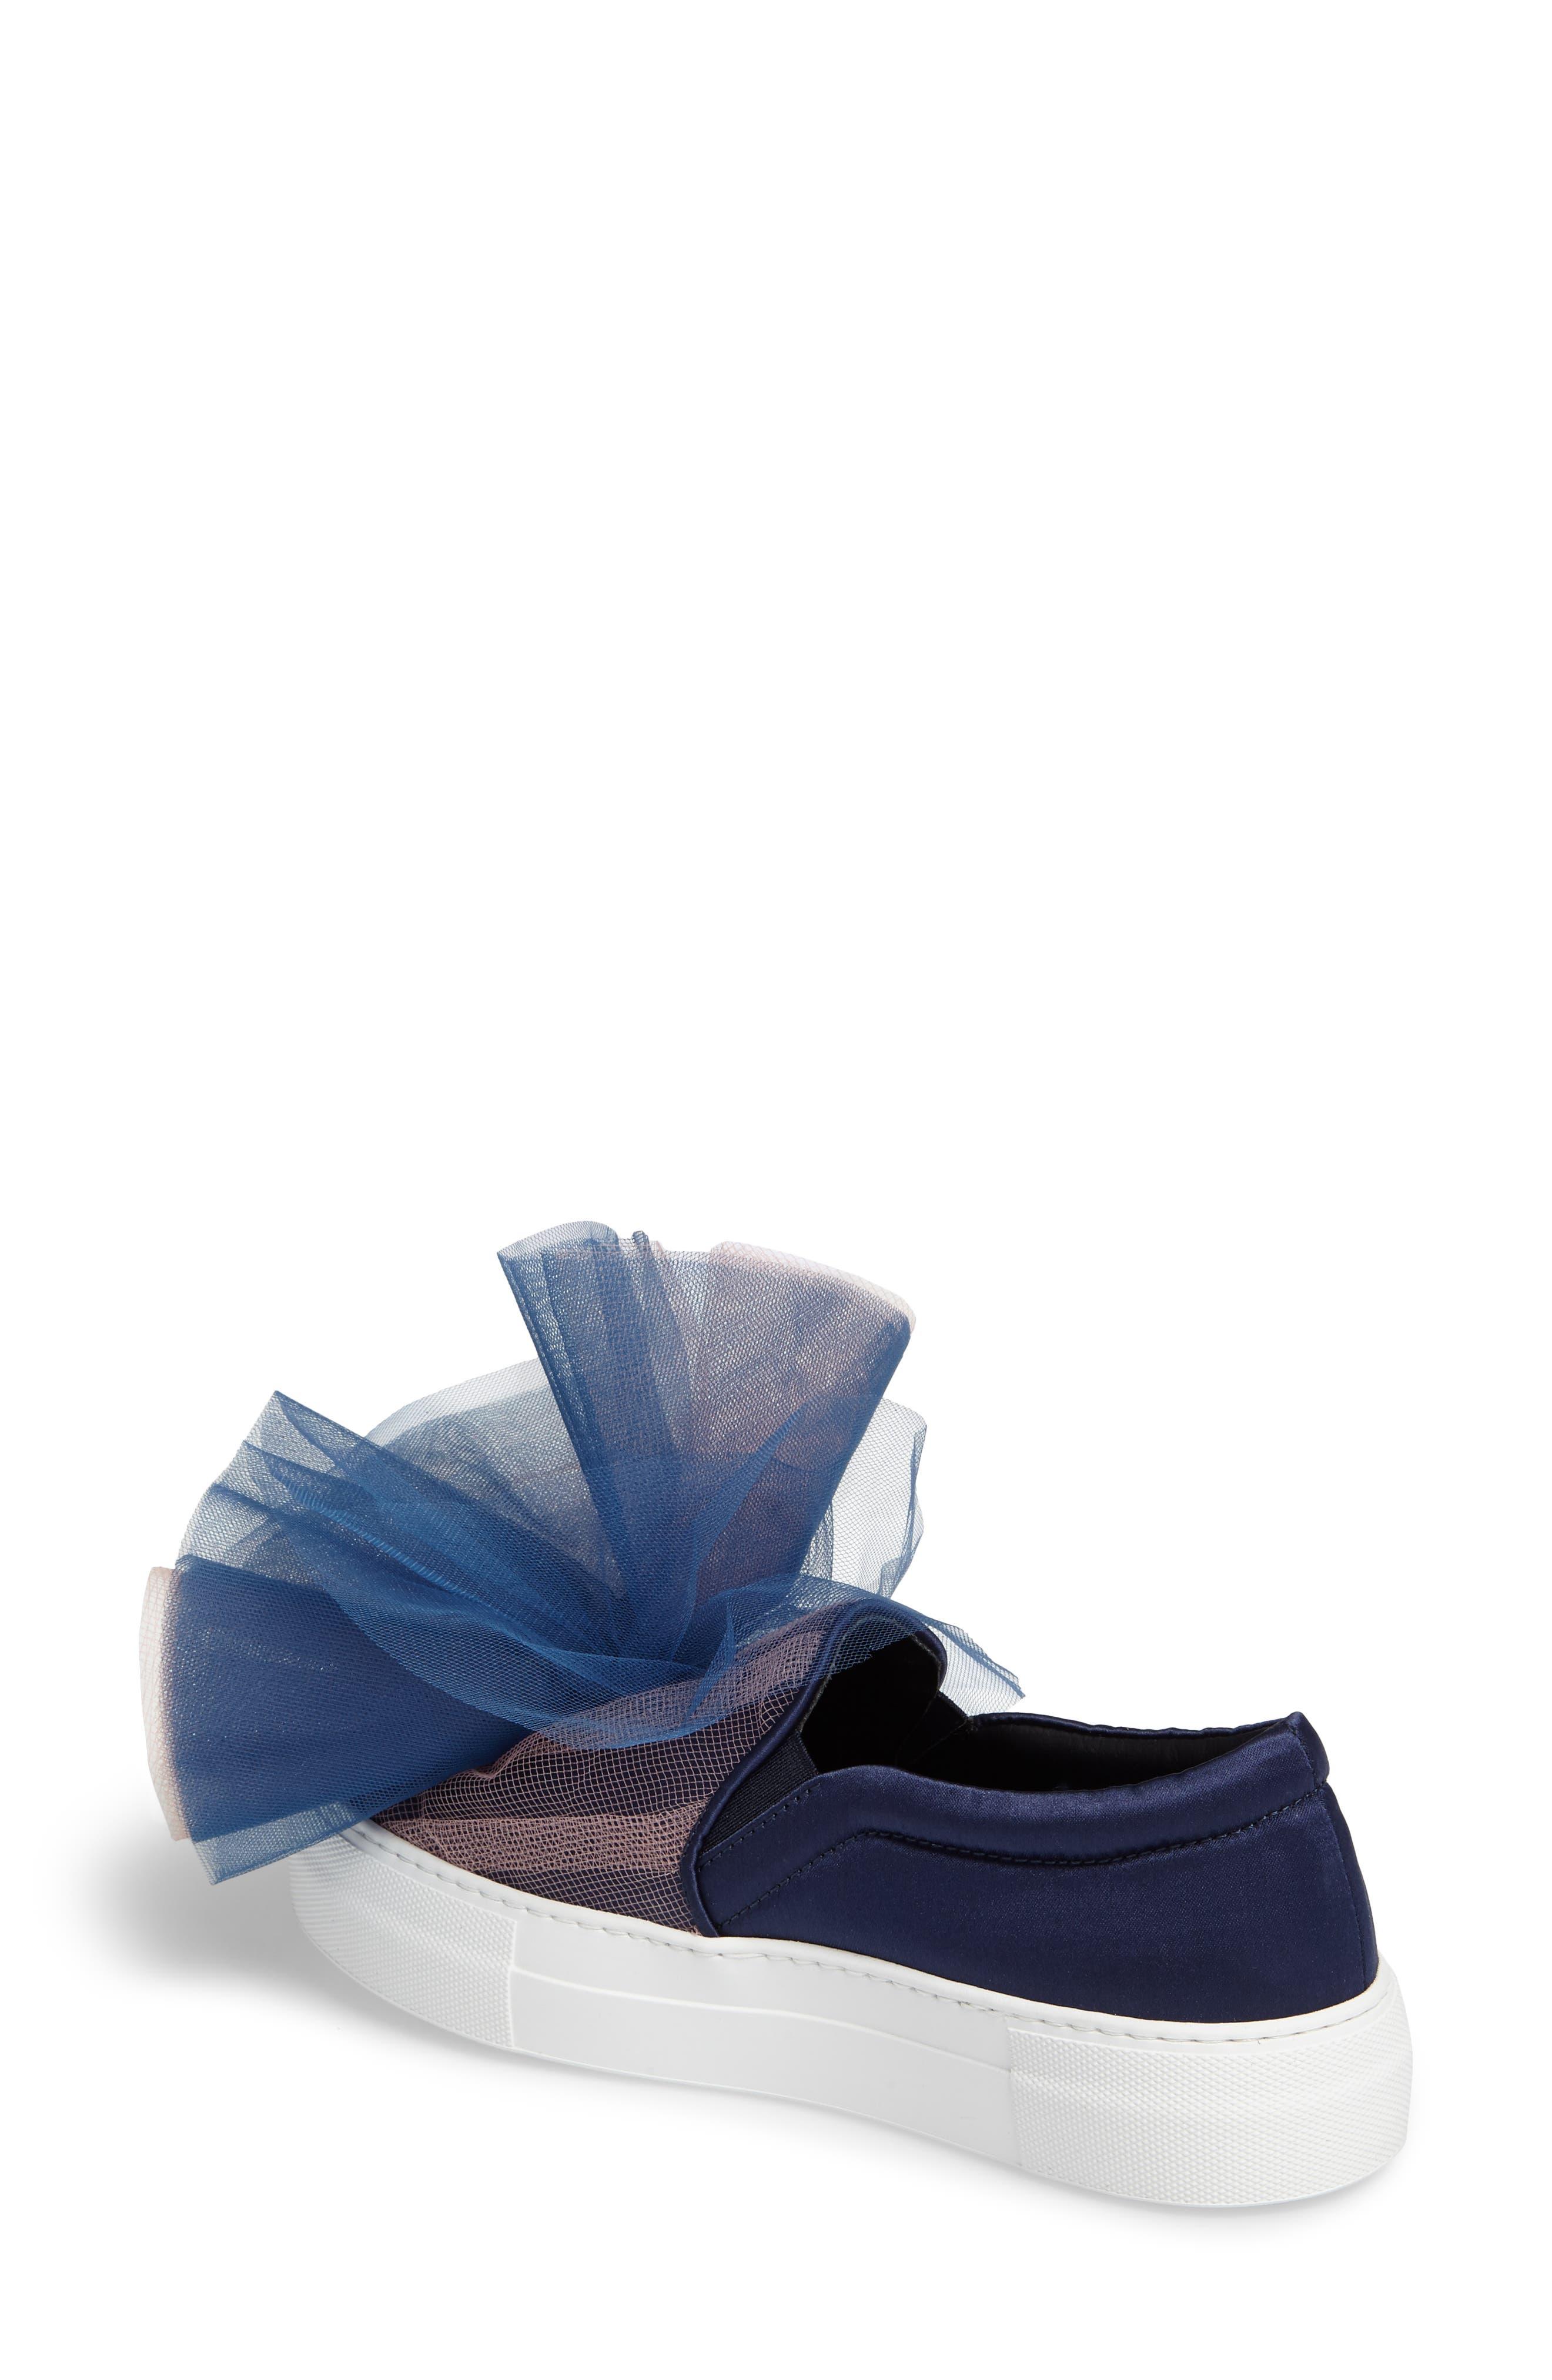 Tulle Slip-On Sneaker,                             Alternate thumbnail 2, color,